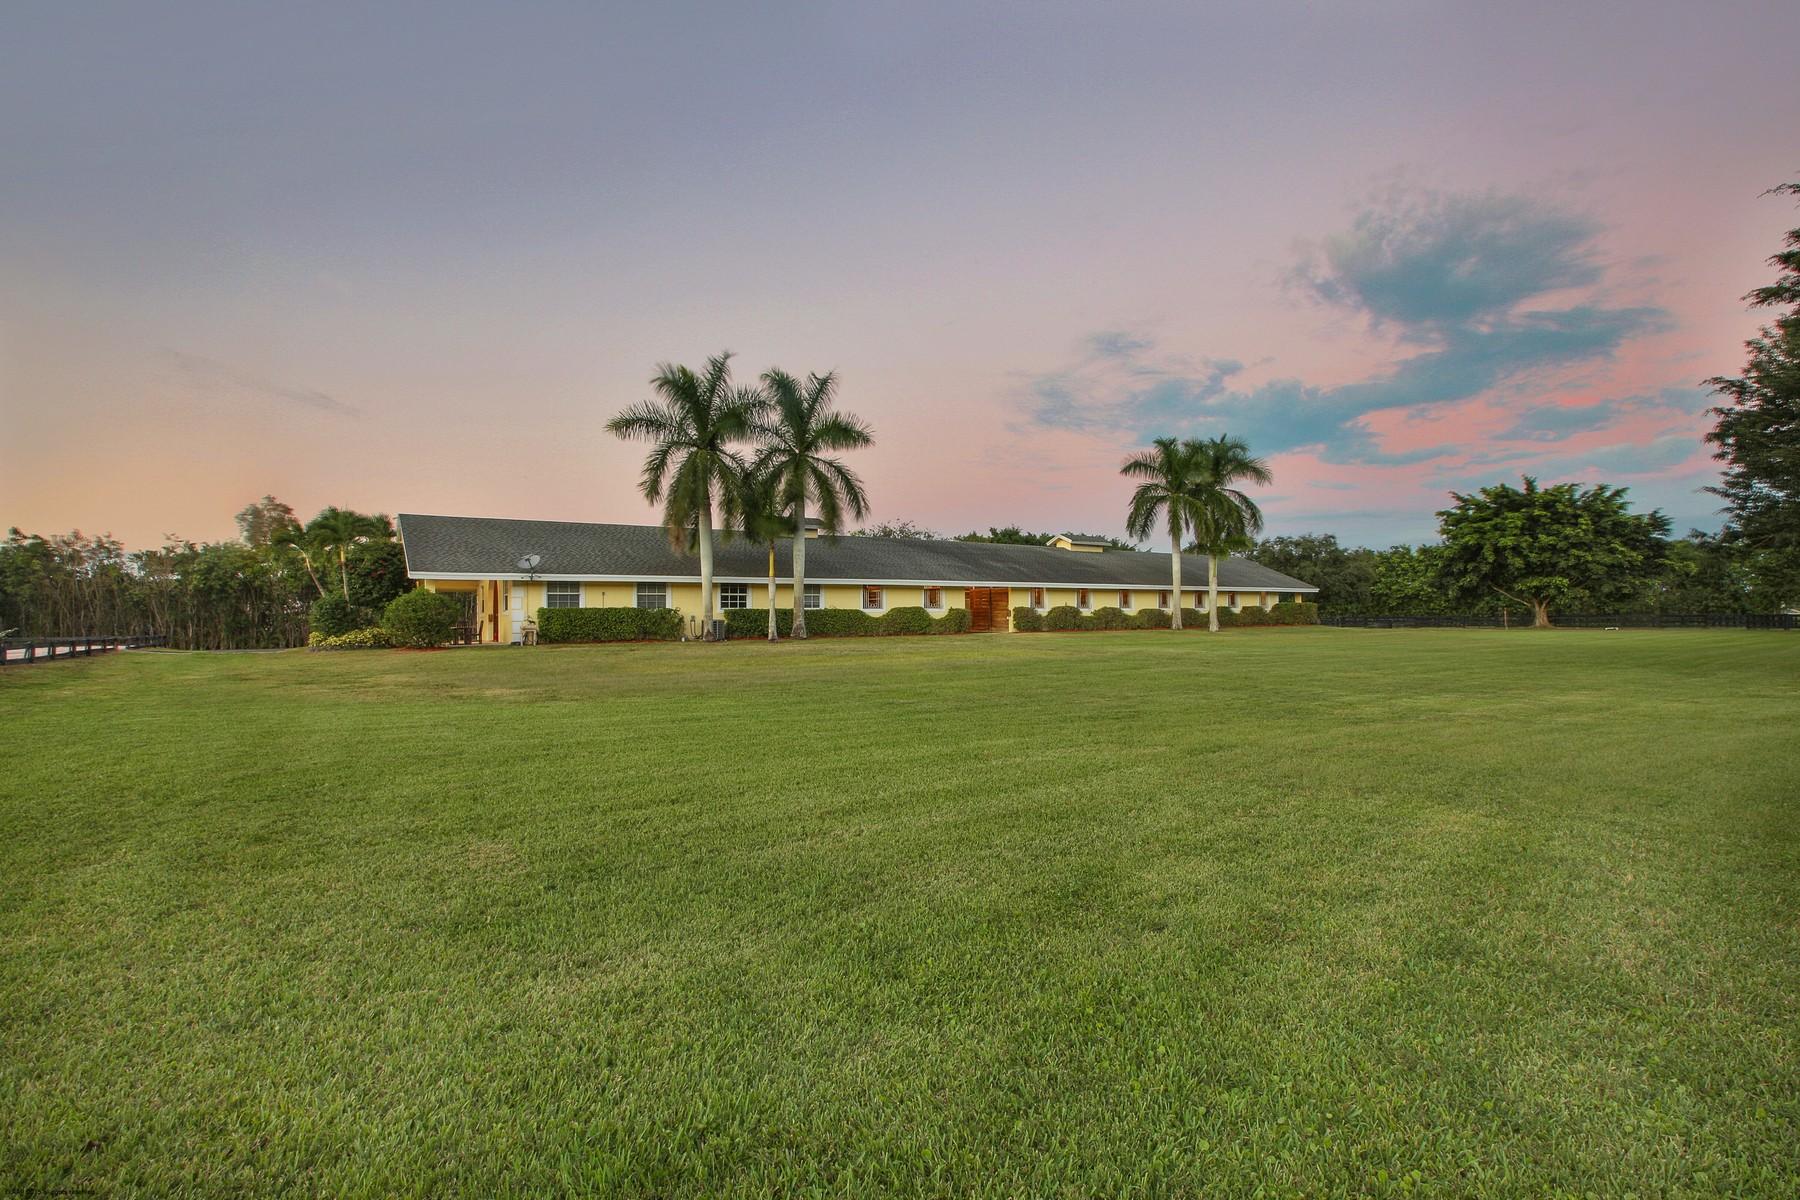 農場/牧場 / プランテーション のために 売買 アット Bordeaux Farm 14150 Palm Beach Point Blvd Wellington, フロリダ 33414 アメリカ合衆国